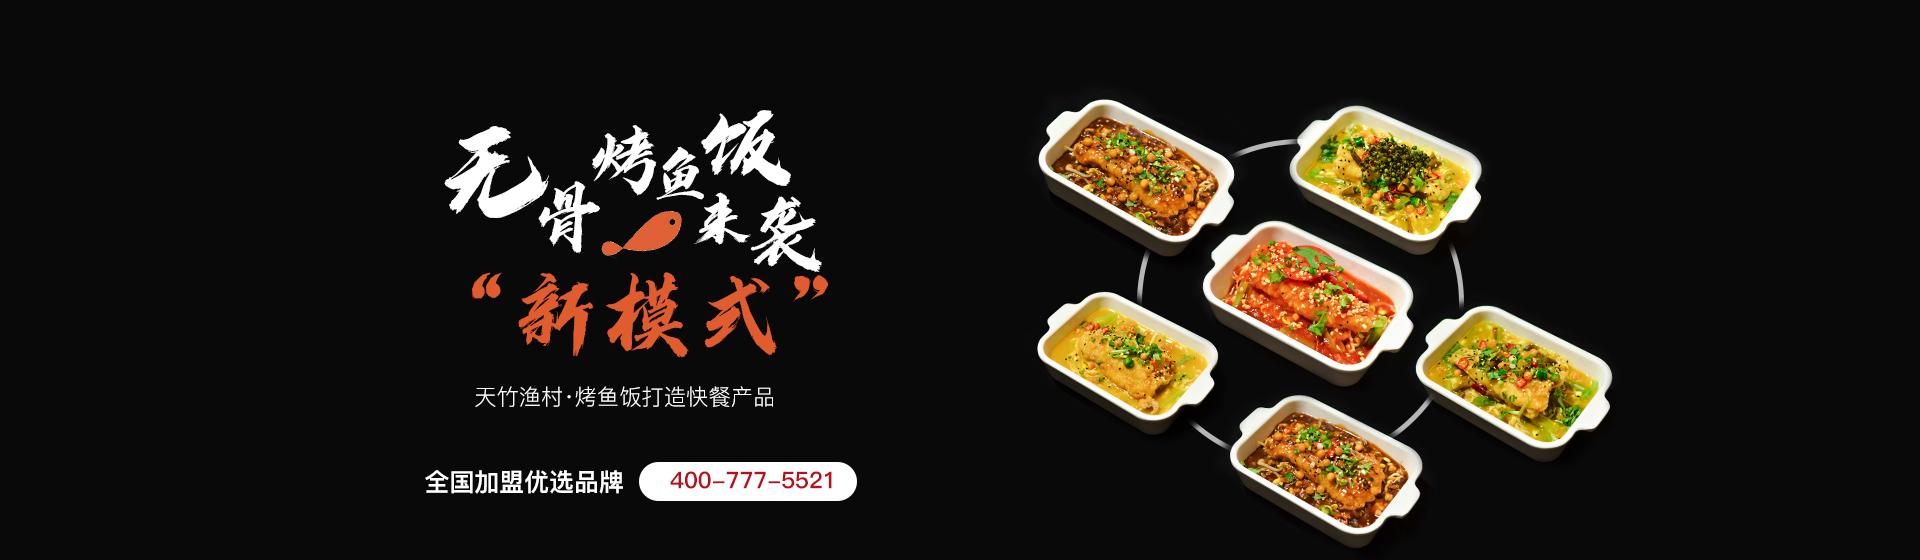 天竹渔村·烤鱼饭